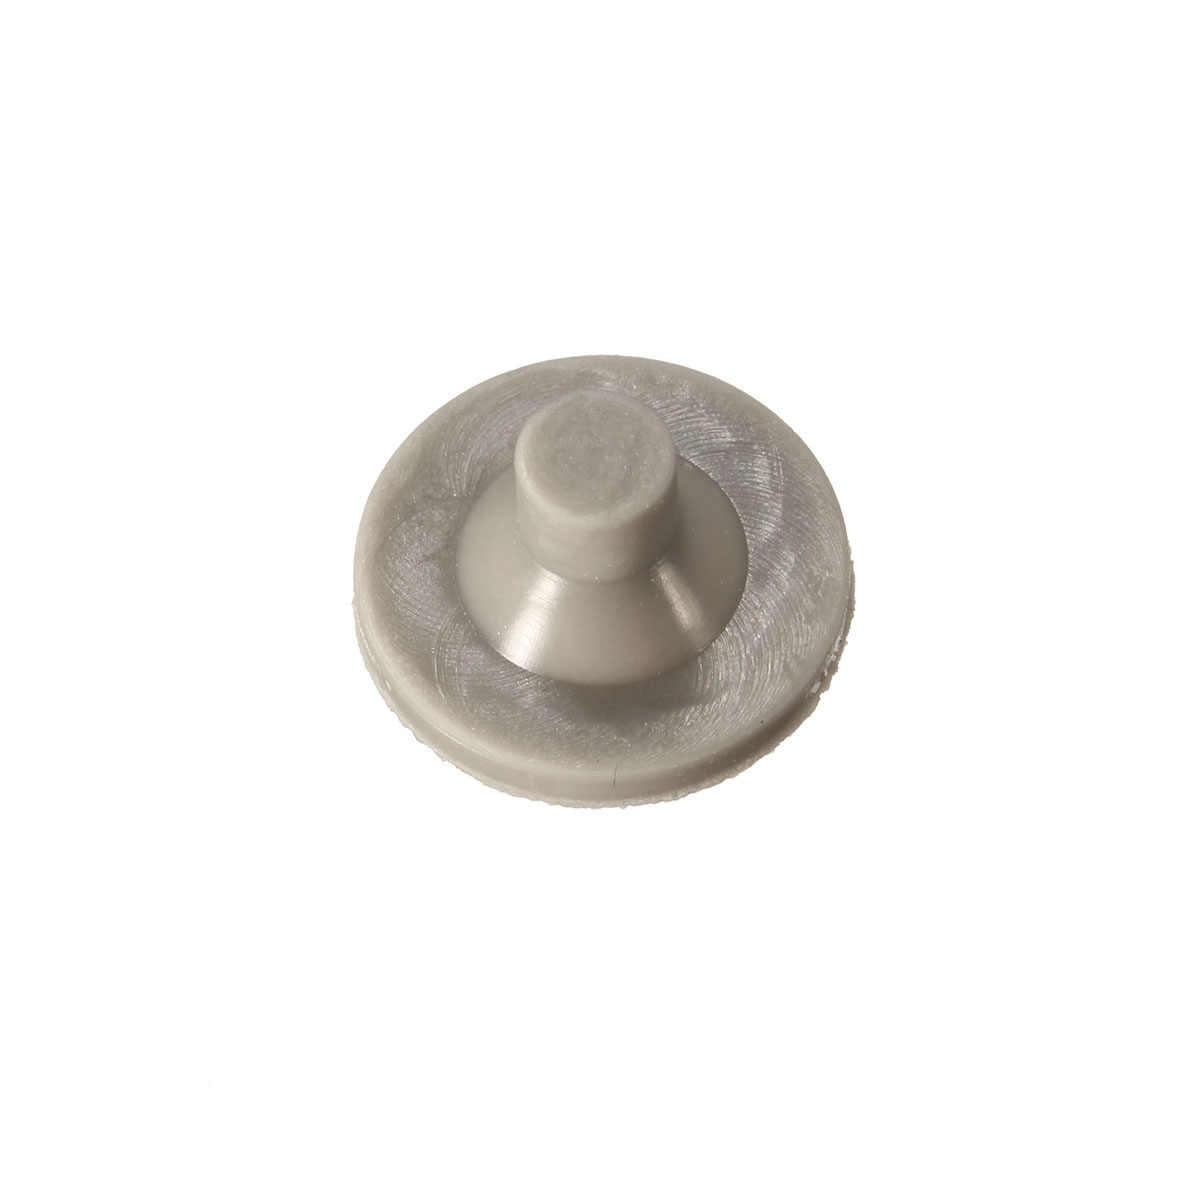 Caucho conductivo de silicona almohadillas 1 piezas para Nin diez hacer manejar PC USB manejar para reparar los controladores D Pad una B X Y L/R